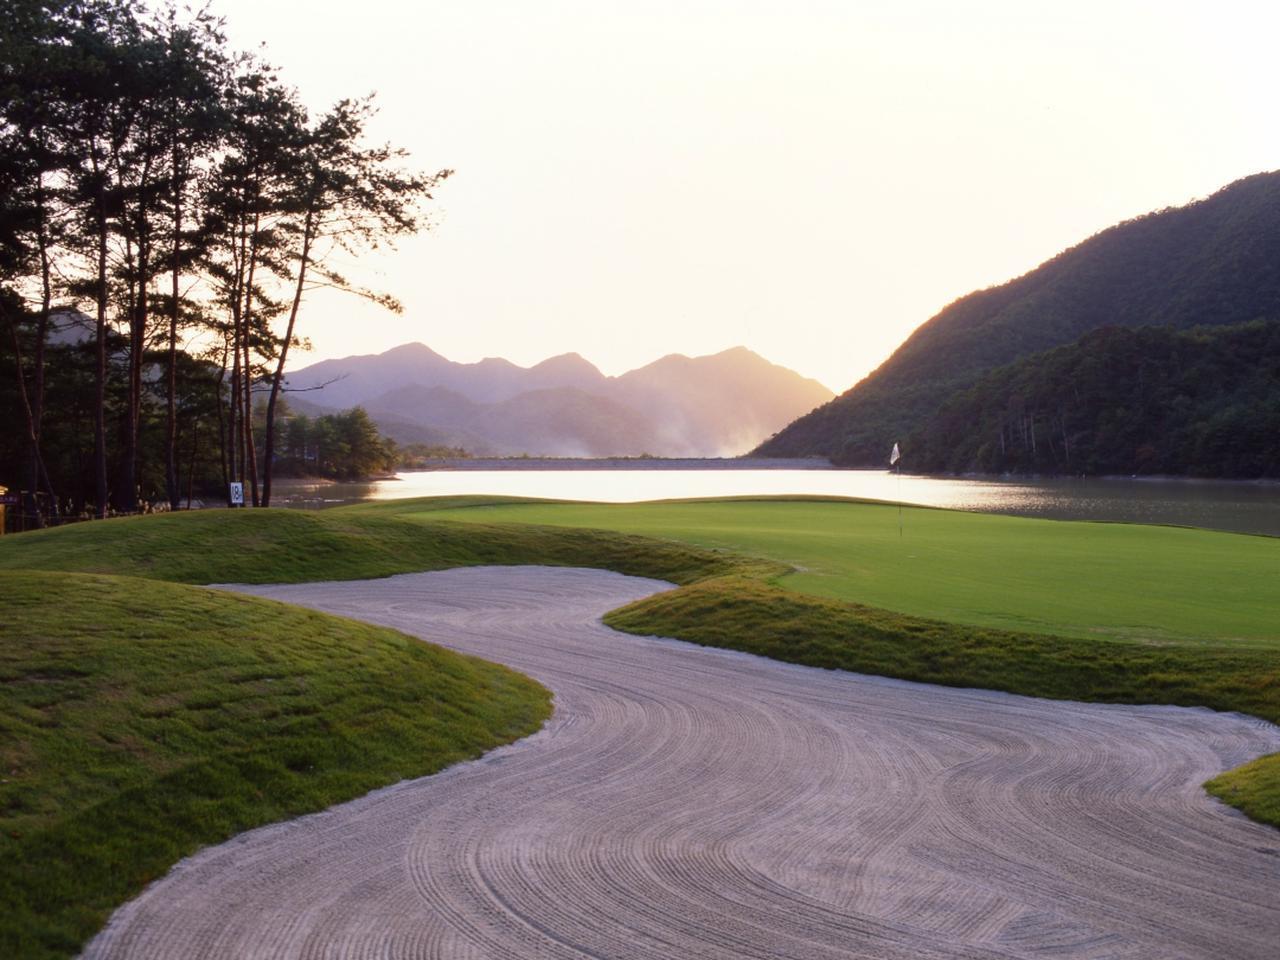 画像: パインレークゴルフクラブ(兵庫県/開場1984年)